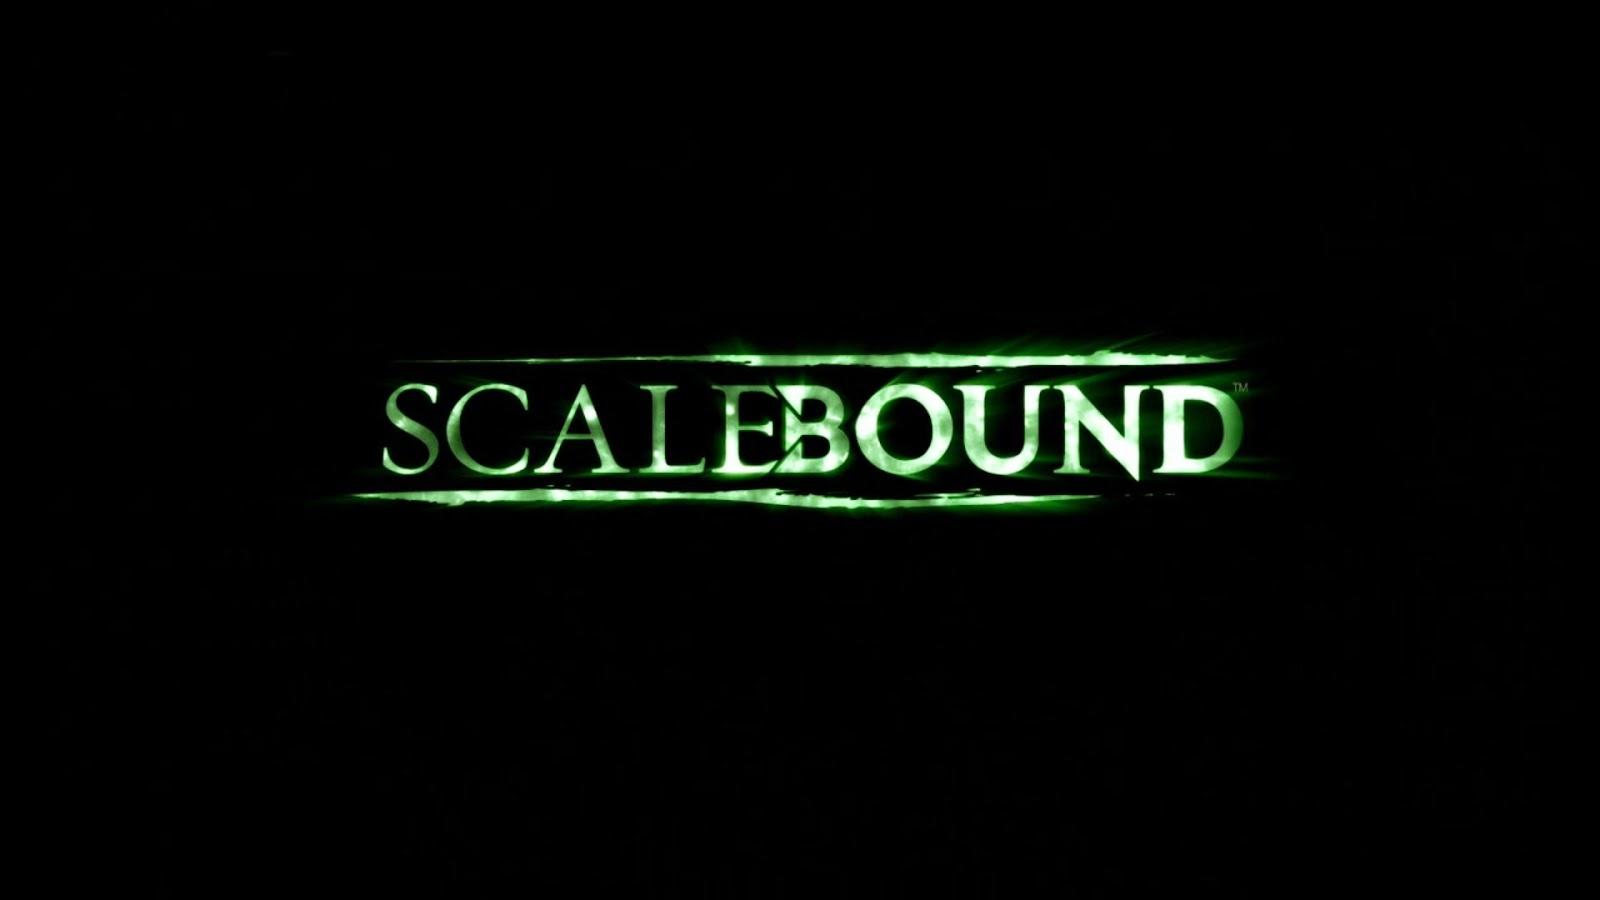 Интервью с разработчиком эксклюзивной игры Scalebound для Xbox One